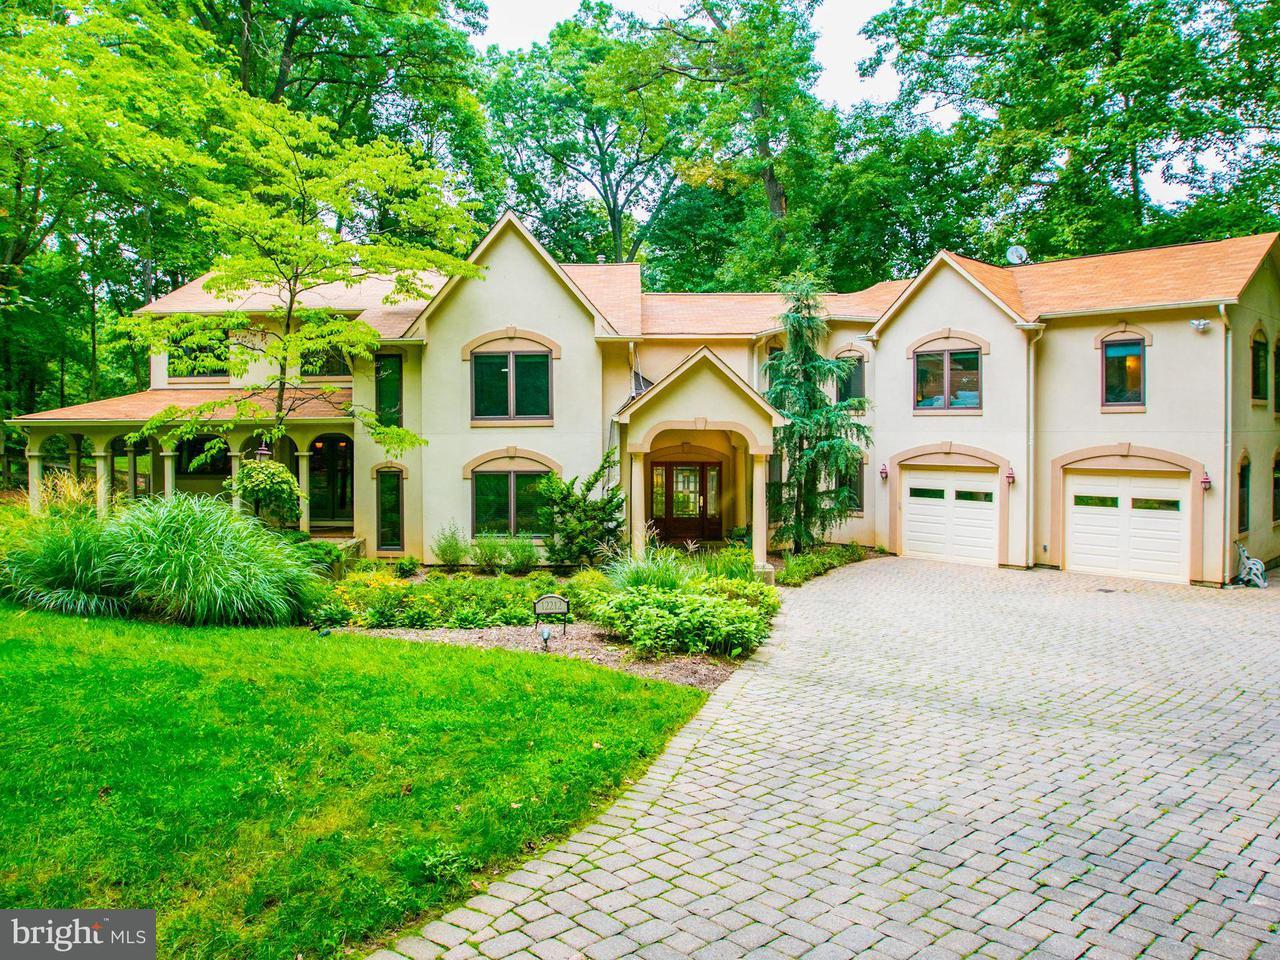 Single Family Home for Sale at 12212 Bennett Road 12212 Bennett Road Herndon, Virginia 20171 United States